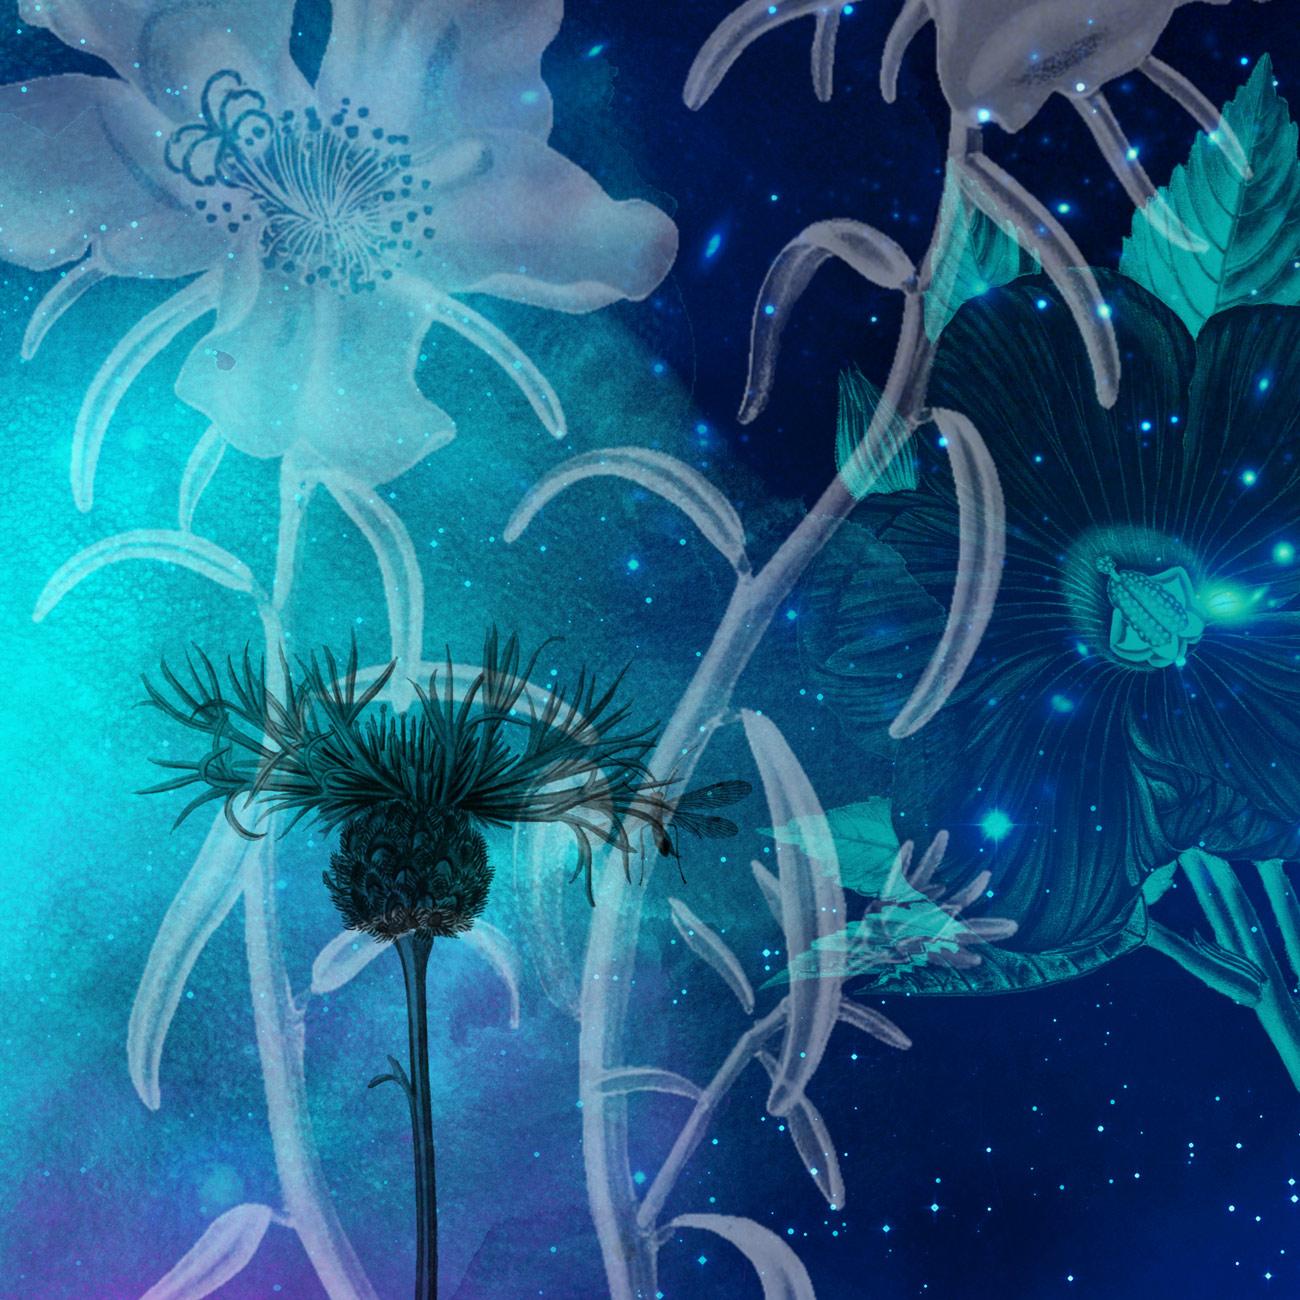 17种复古式植物鲜花花朵图案Photoshop笔刷素材下载